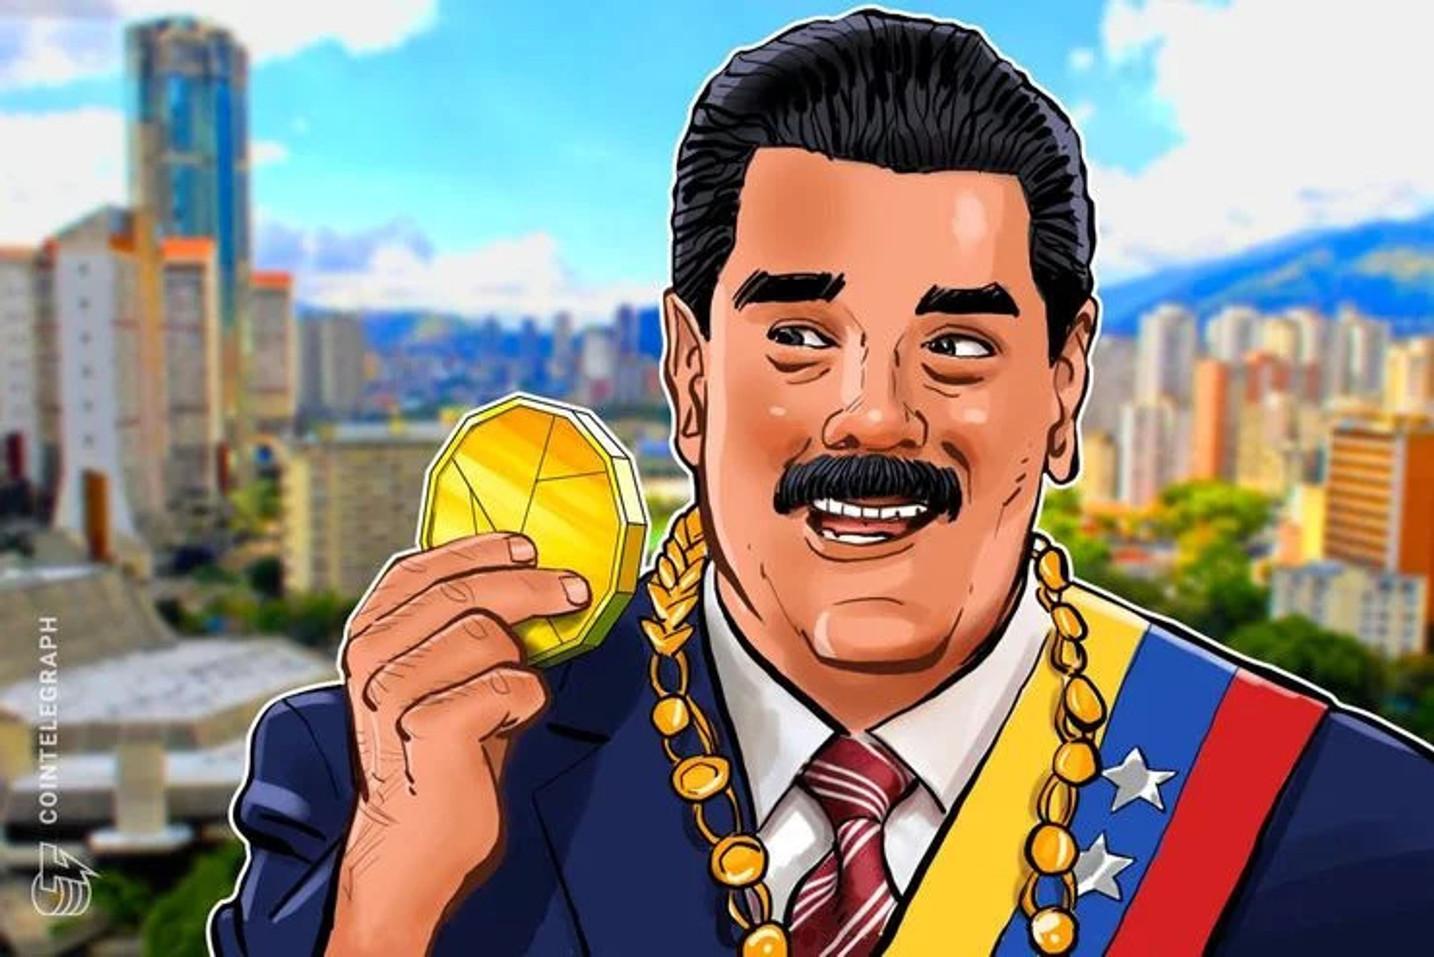 El Petro de a poco se cuela entre los venezolanos gracias a fiscalizaciones del gobierno al sector comercio